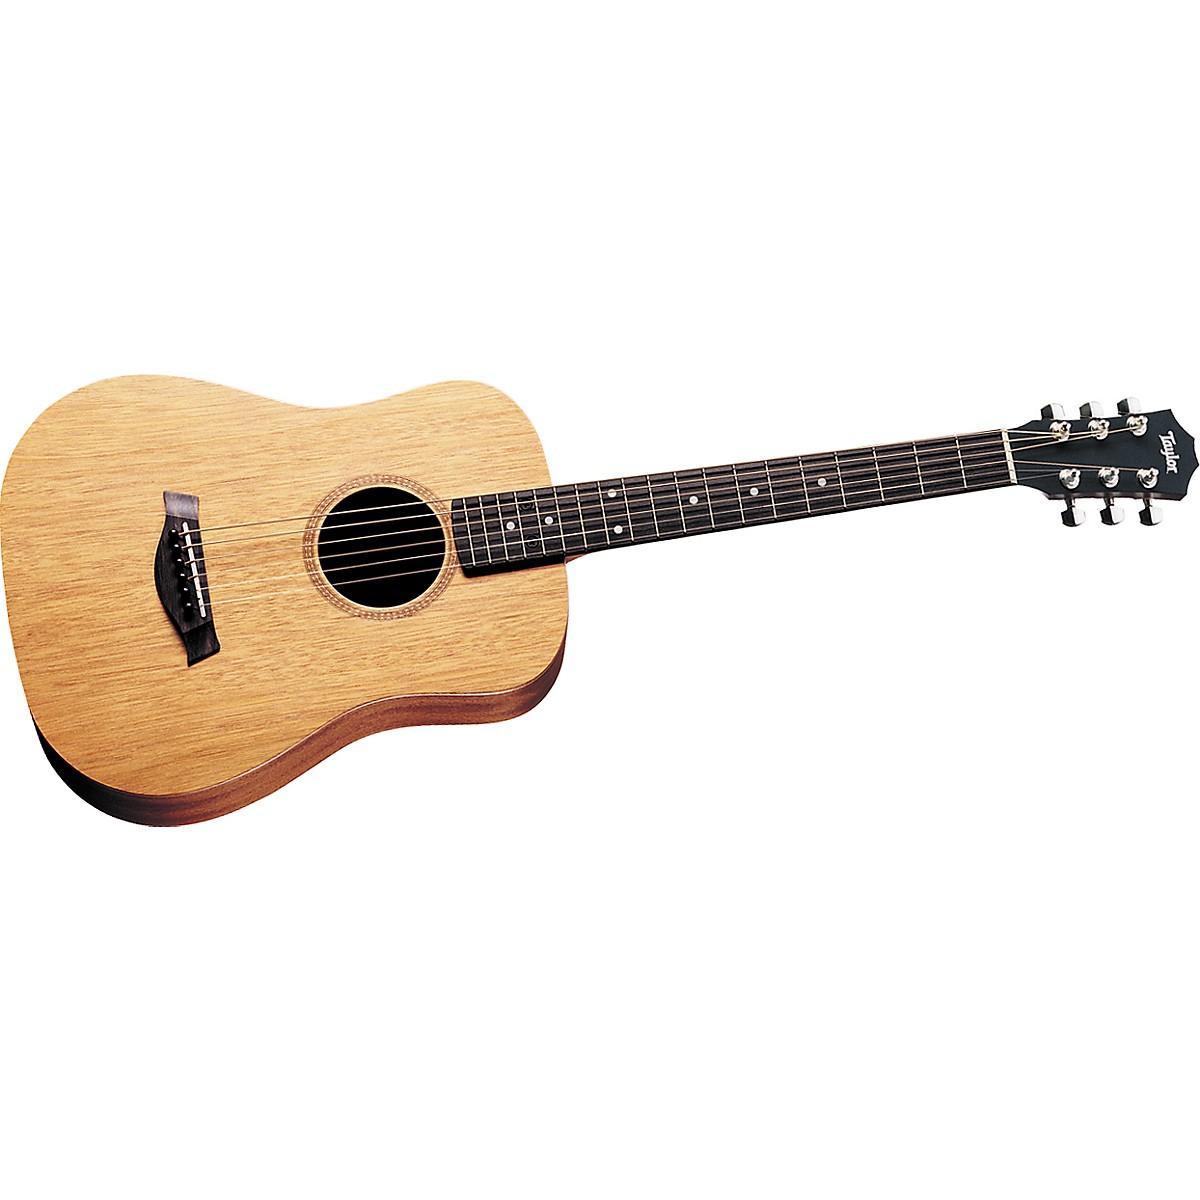 Taylor Baby Taylor Mahogany Top Dreadnought Acoustic Guitar